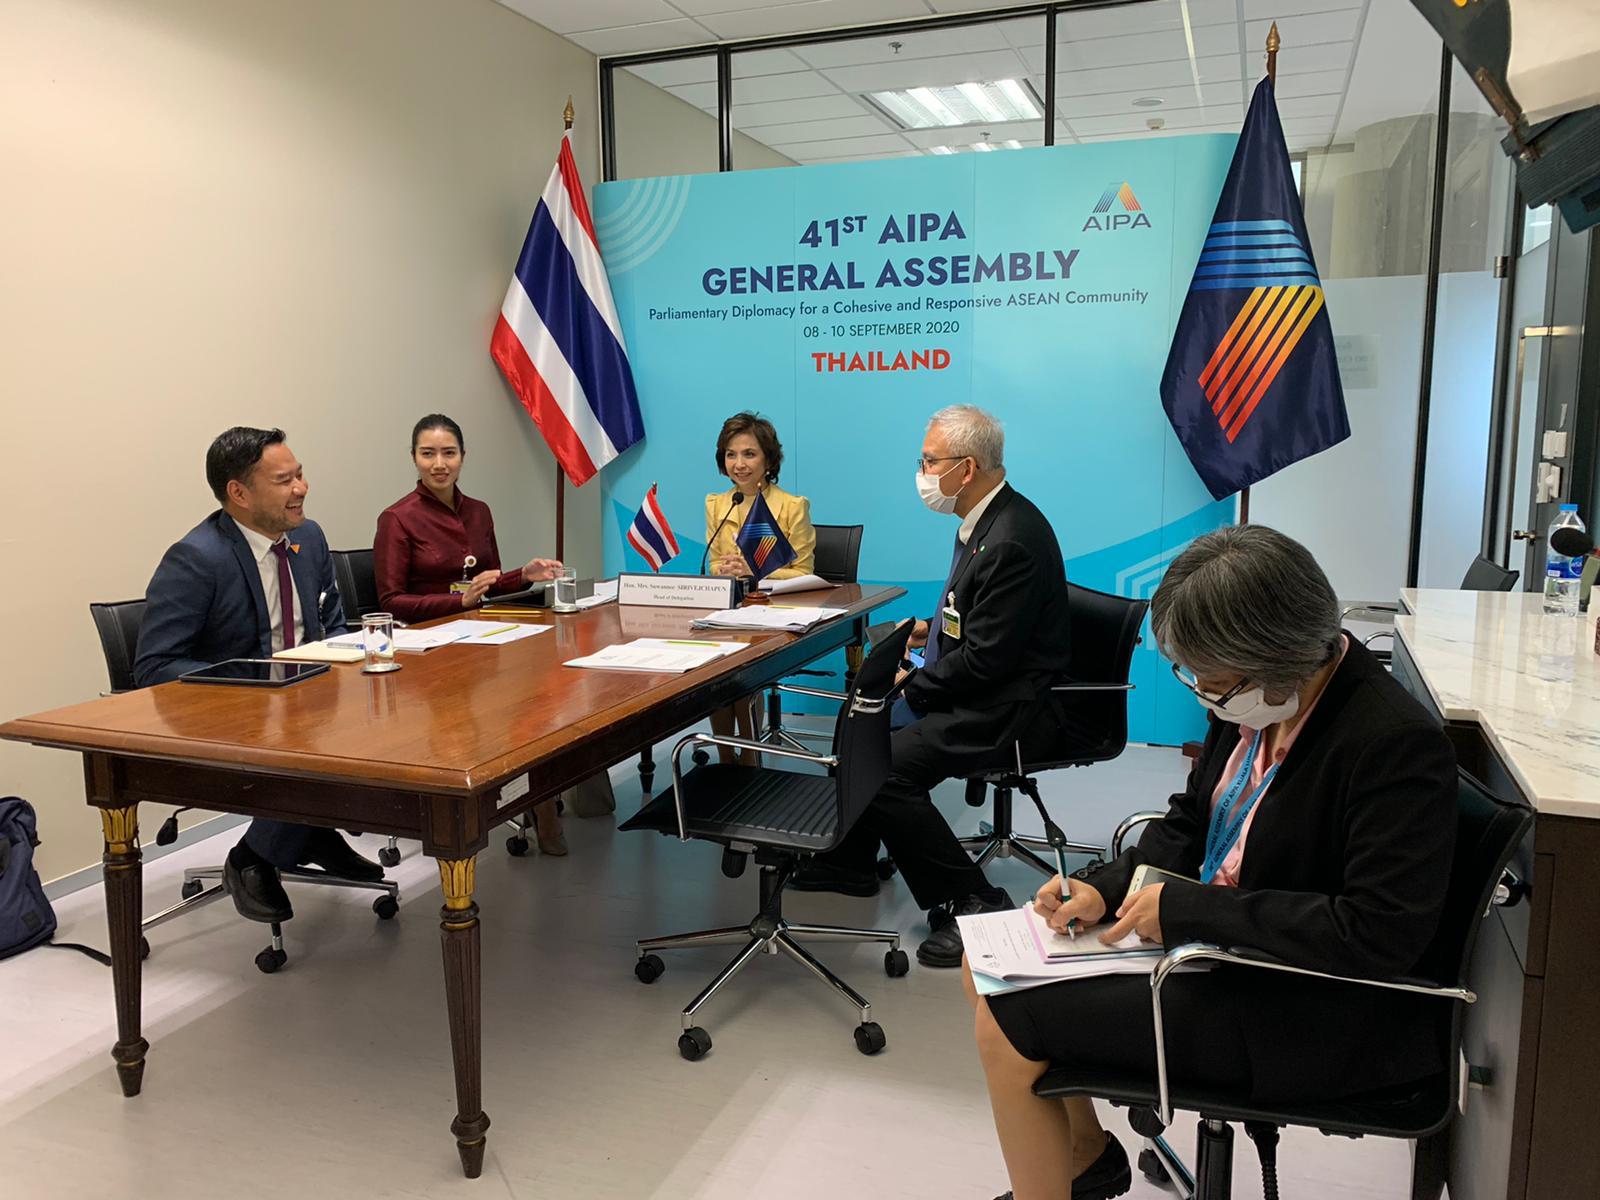 Đại hội đồng AIPA 41 và dấu ấn Quốc hội Việt Nam - 3